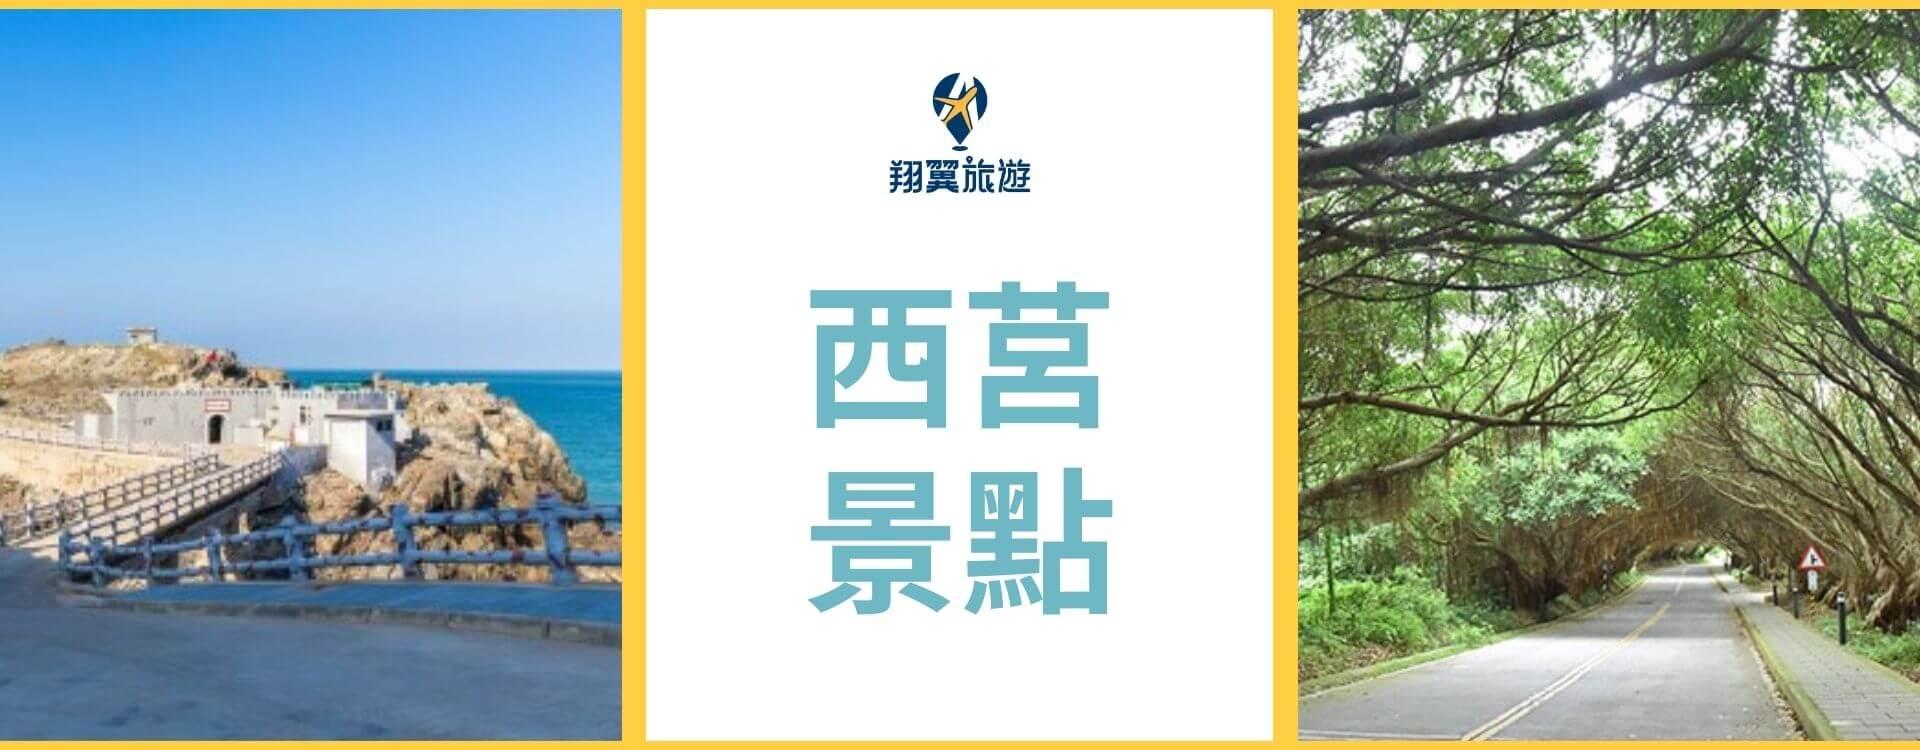 馬祖旅遊-西莒秘境景點 (1)